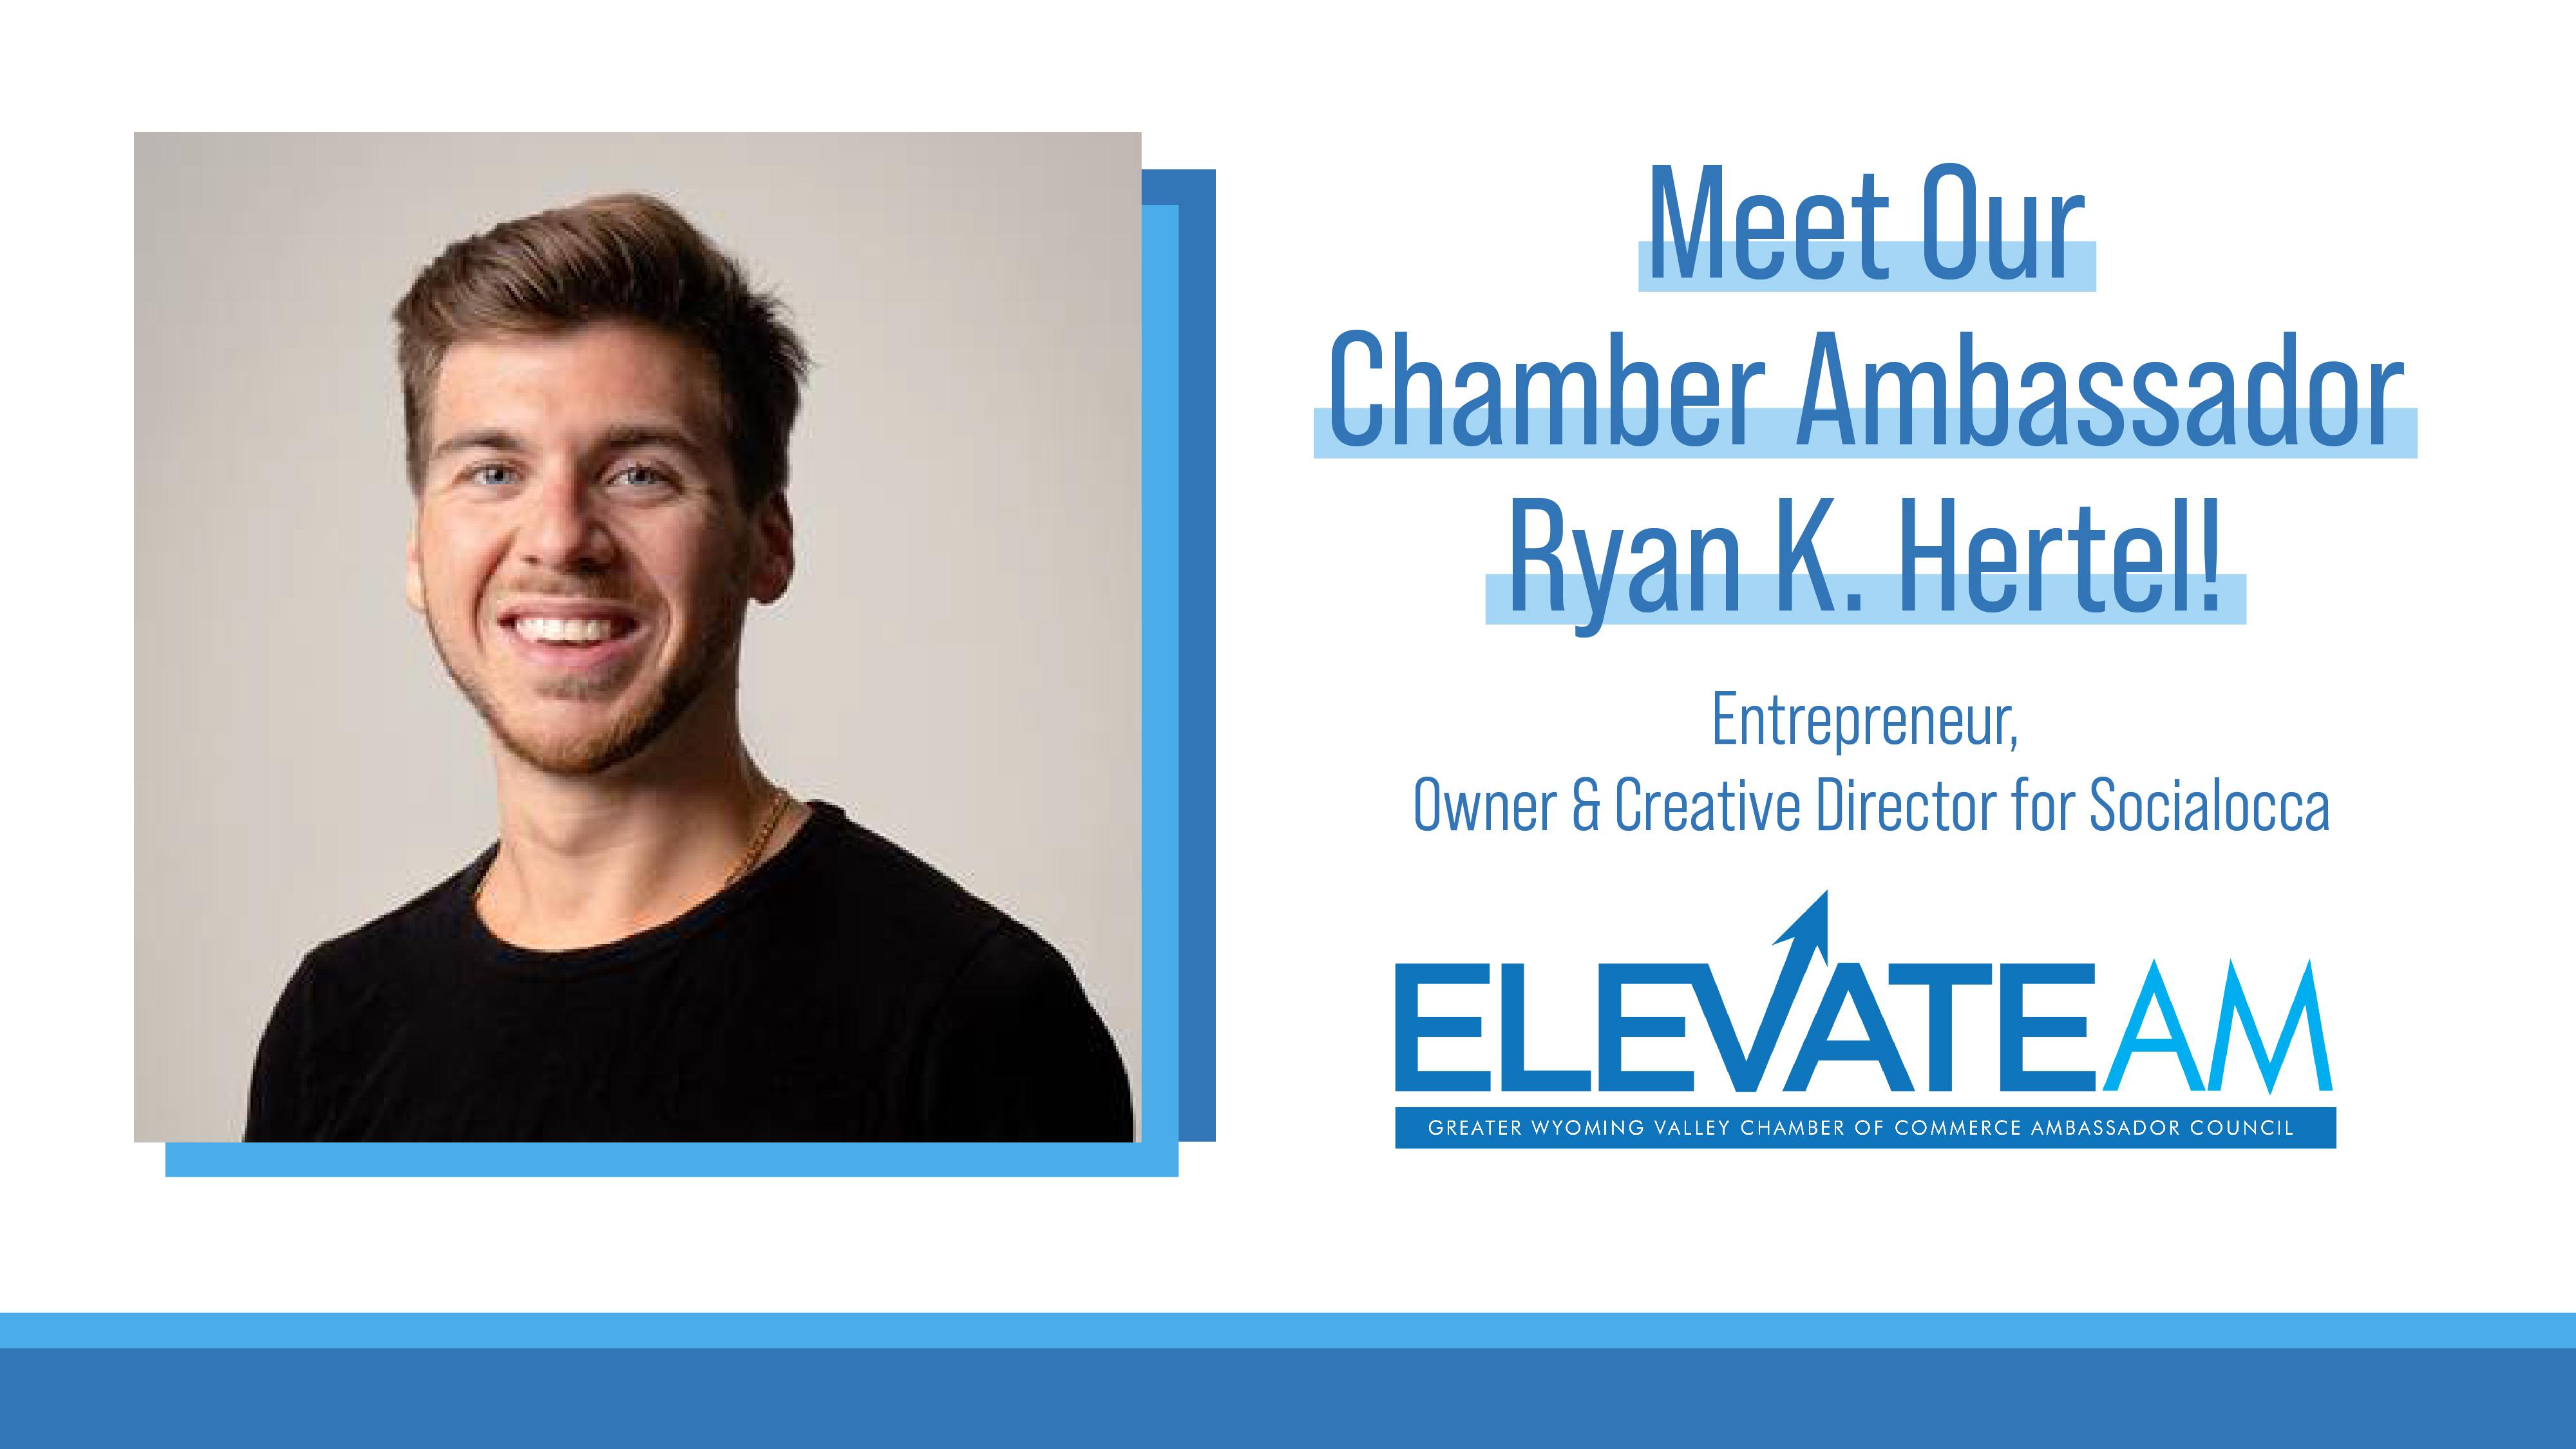 Image for Meet Chamber Ambassador Ryan K. Hertel!